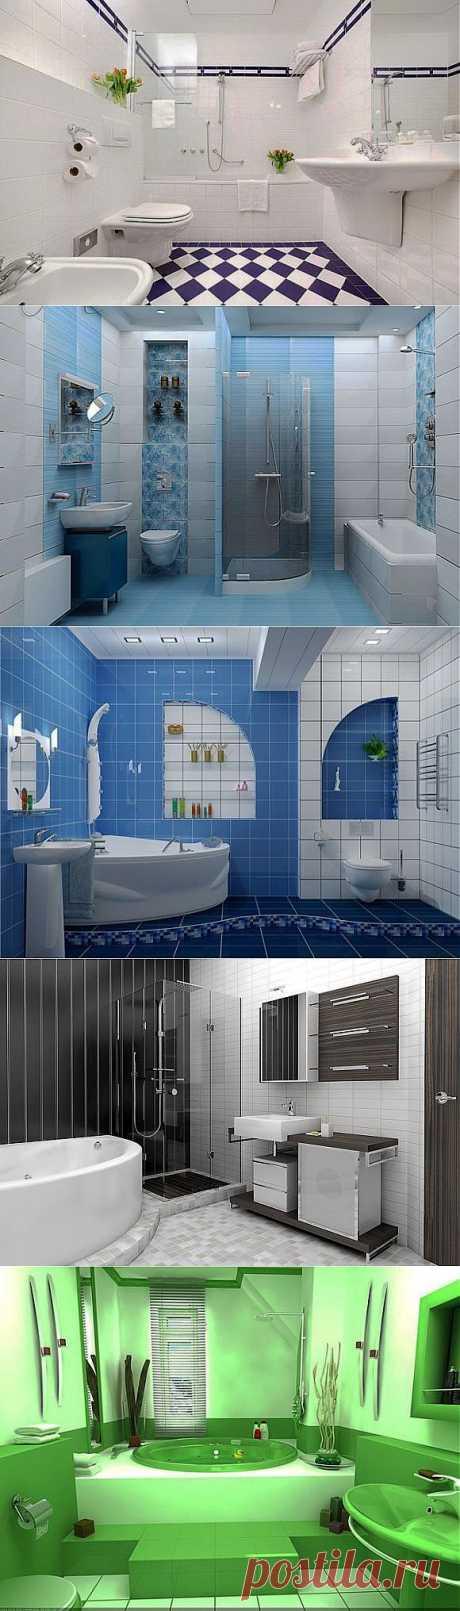 Интерьер ванной 6 кв.м. | Наш уютный дом